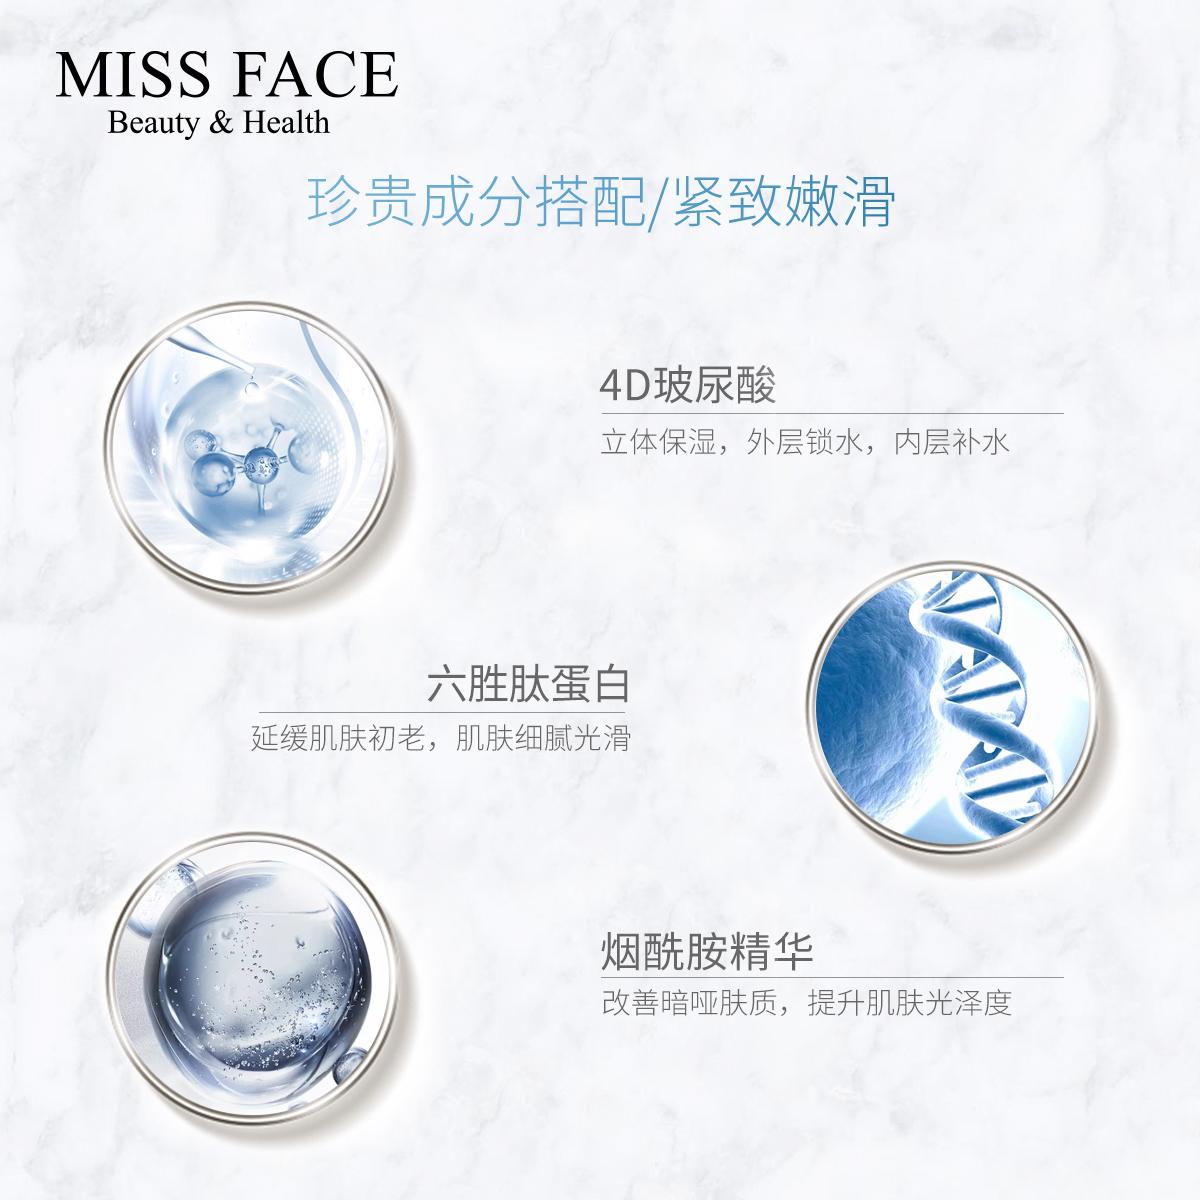 Miss face玻尿酸补水面膜保湿免洗烟酰胺面膜【第二、三件0元现货